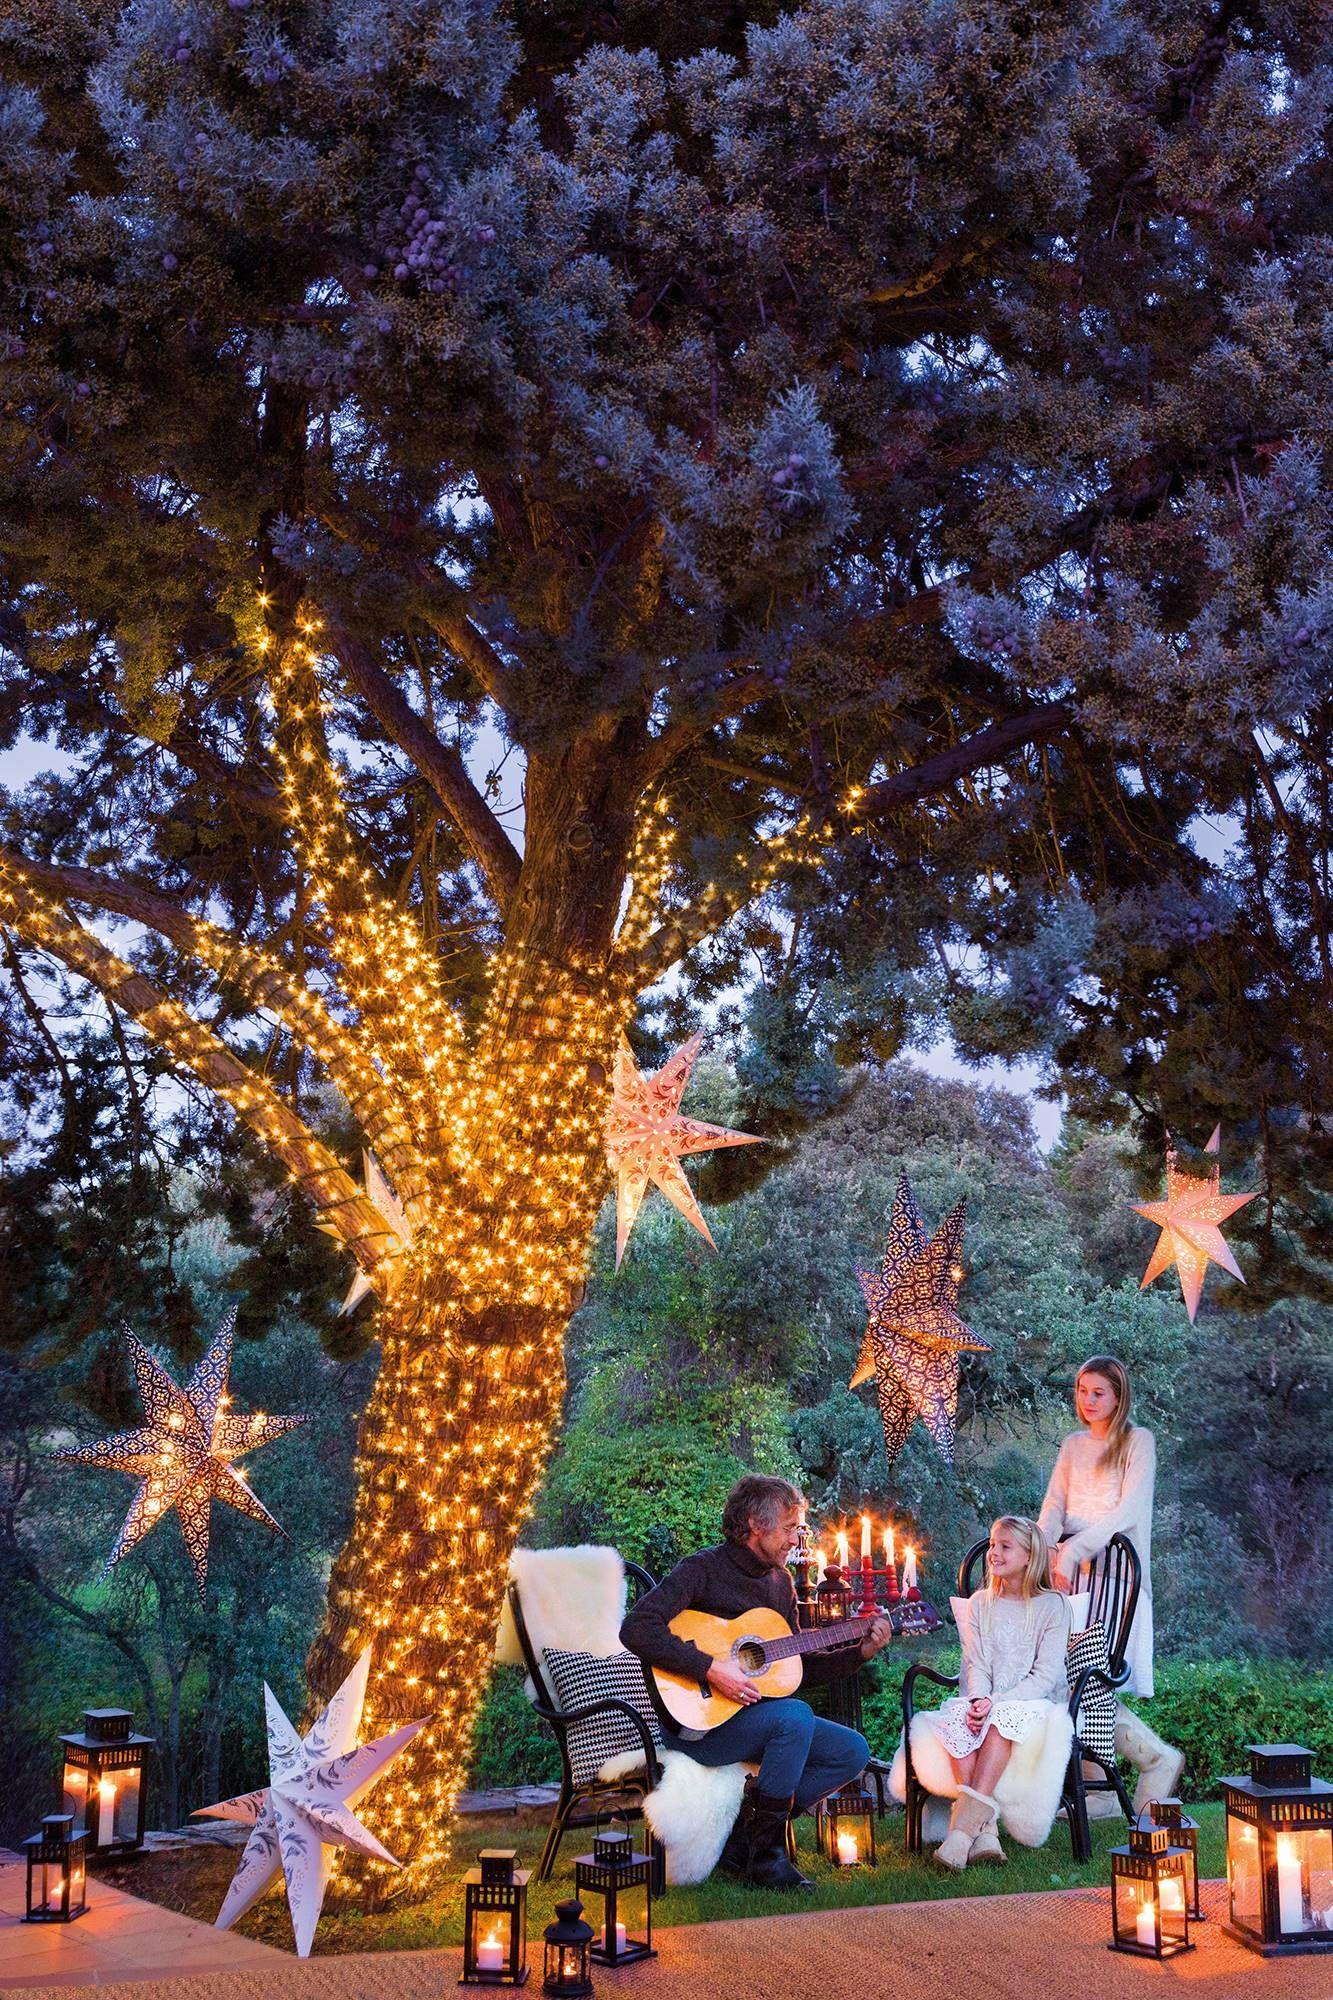 5 Decoración Navideña En Tono Rústico Decoraciones De Jardín Decoración Exterior Navidad Decoracion De Arboles